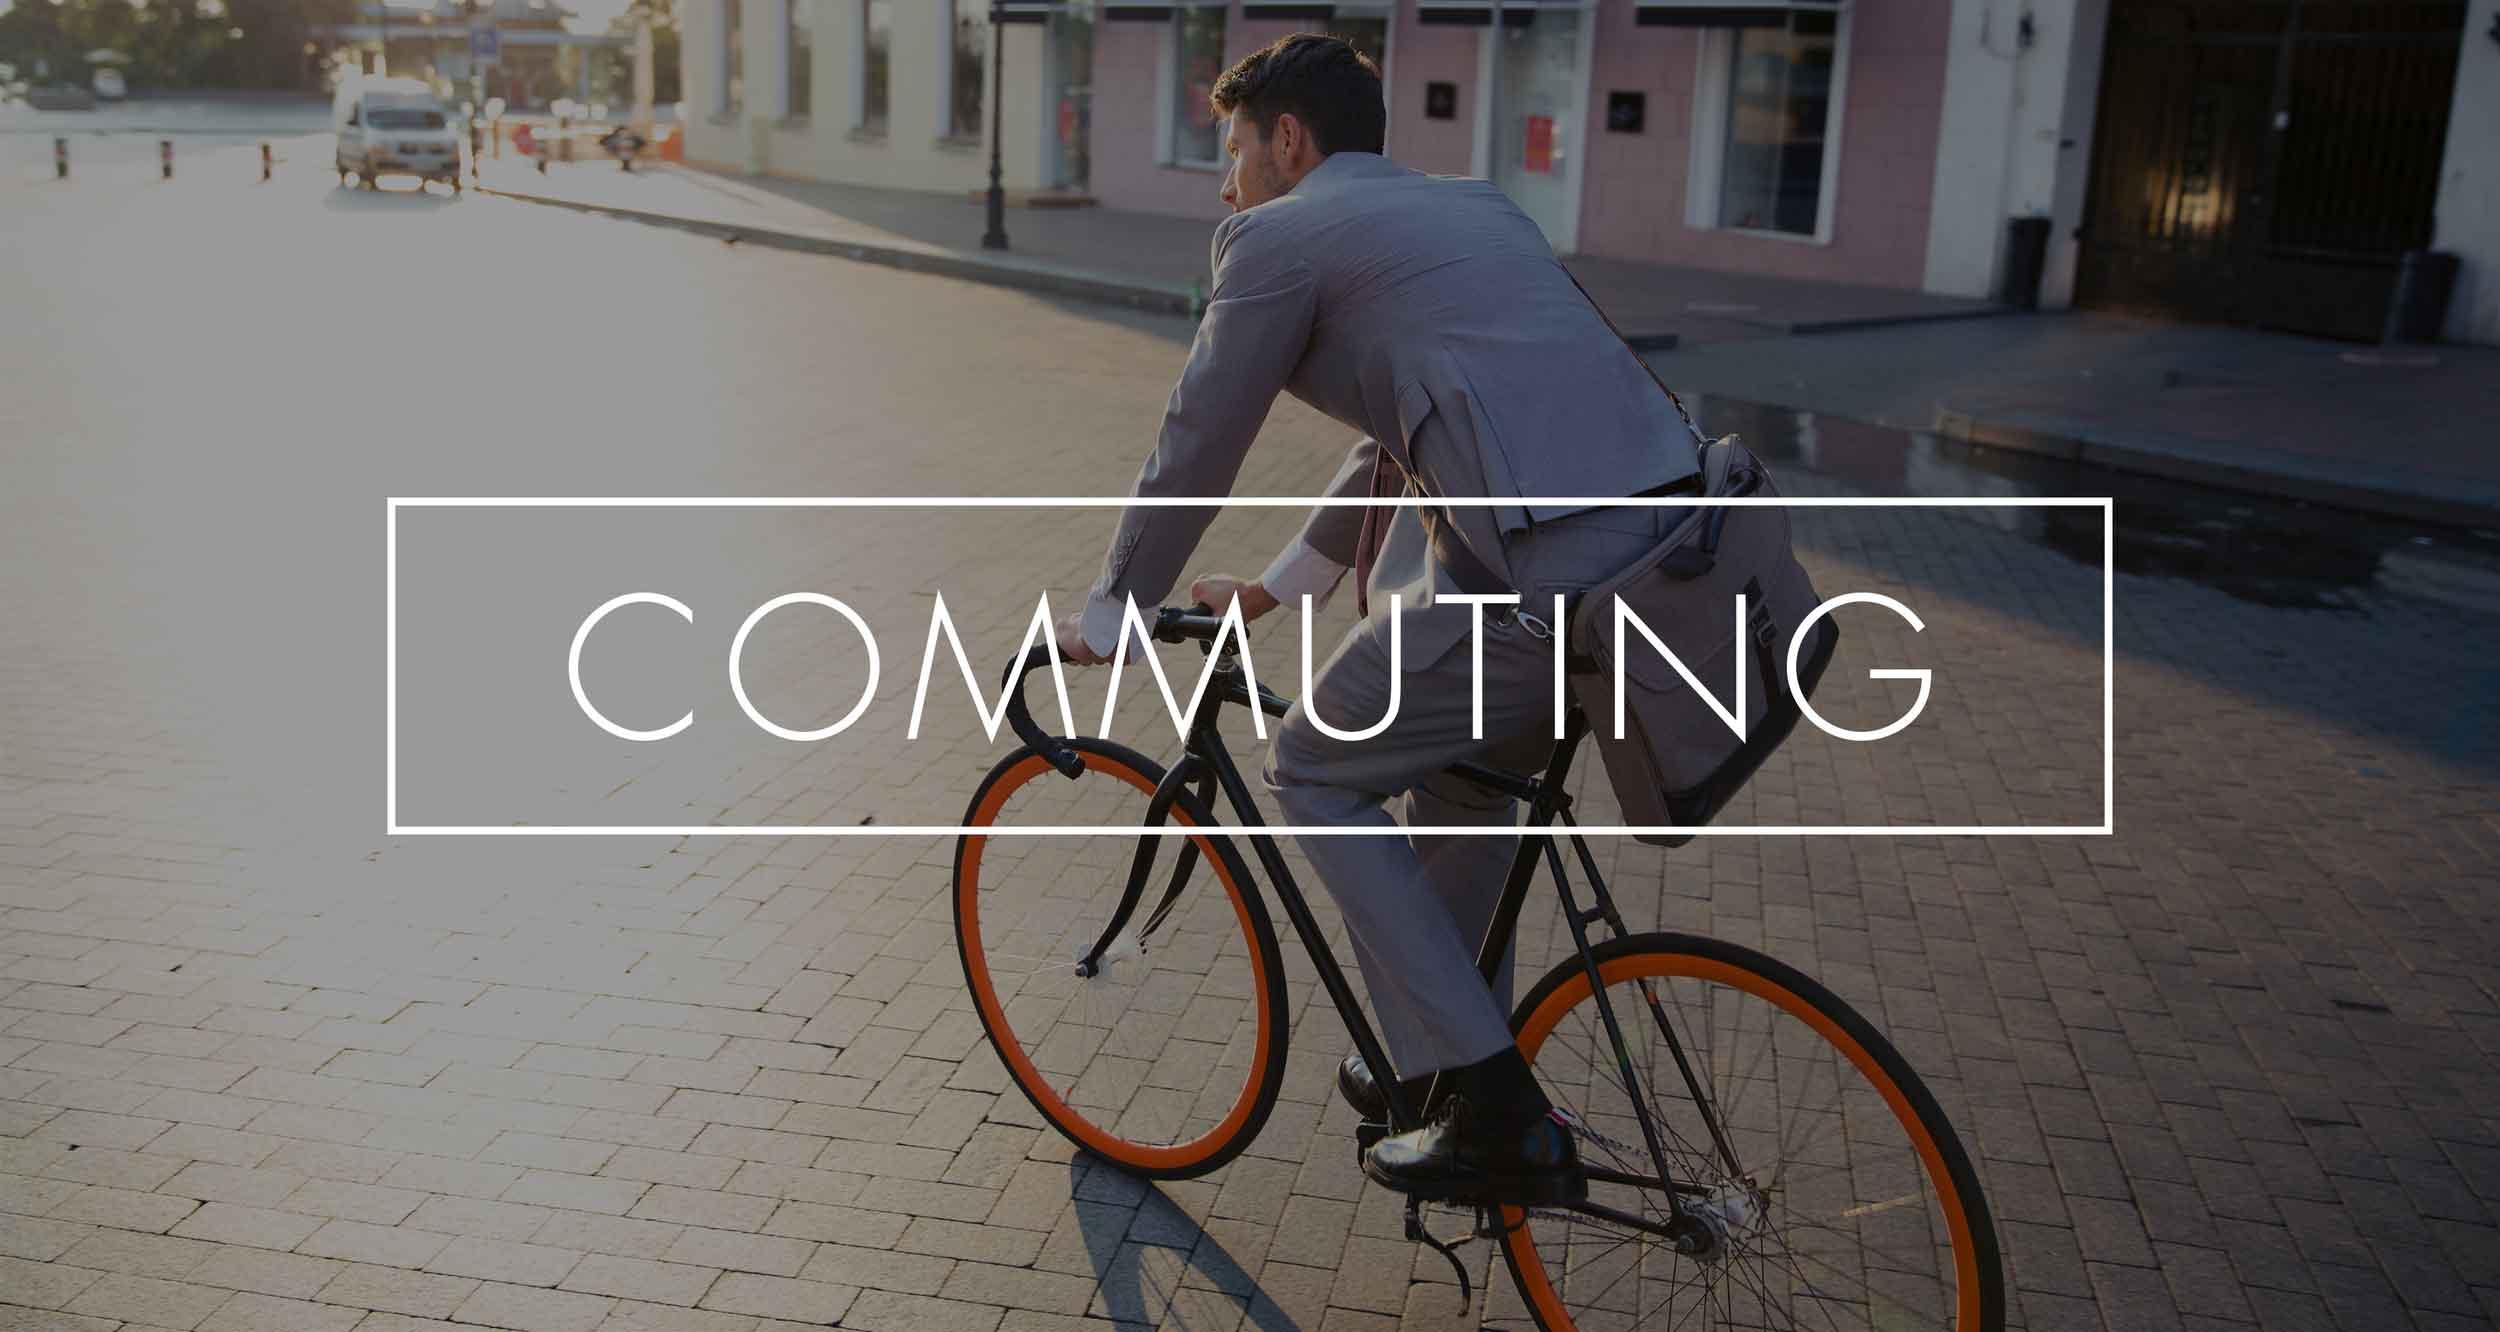 commuting_low.jpg